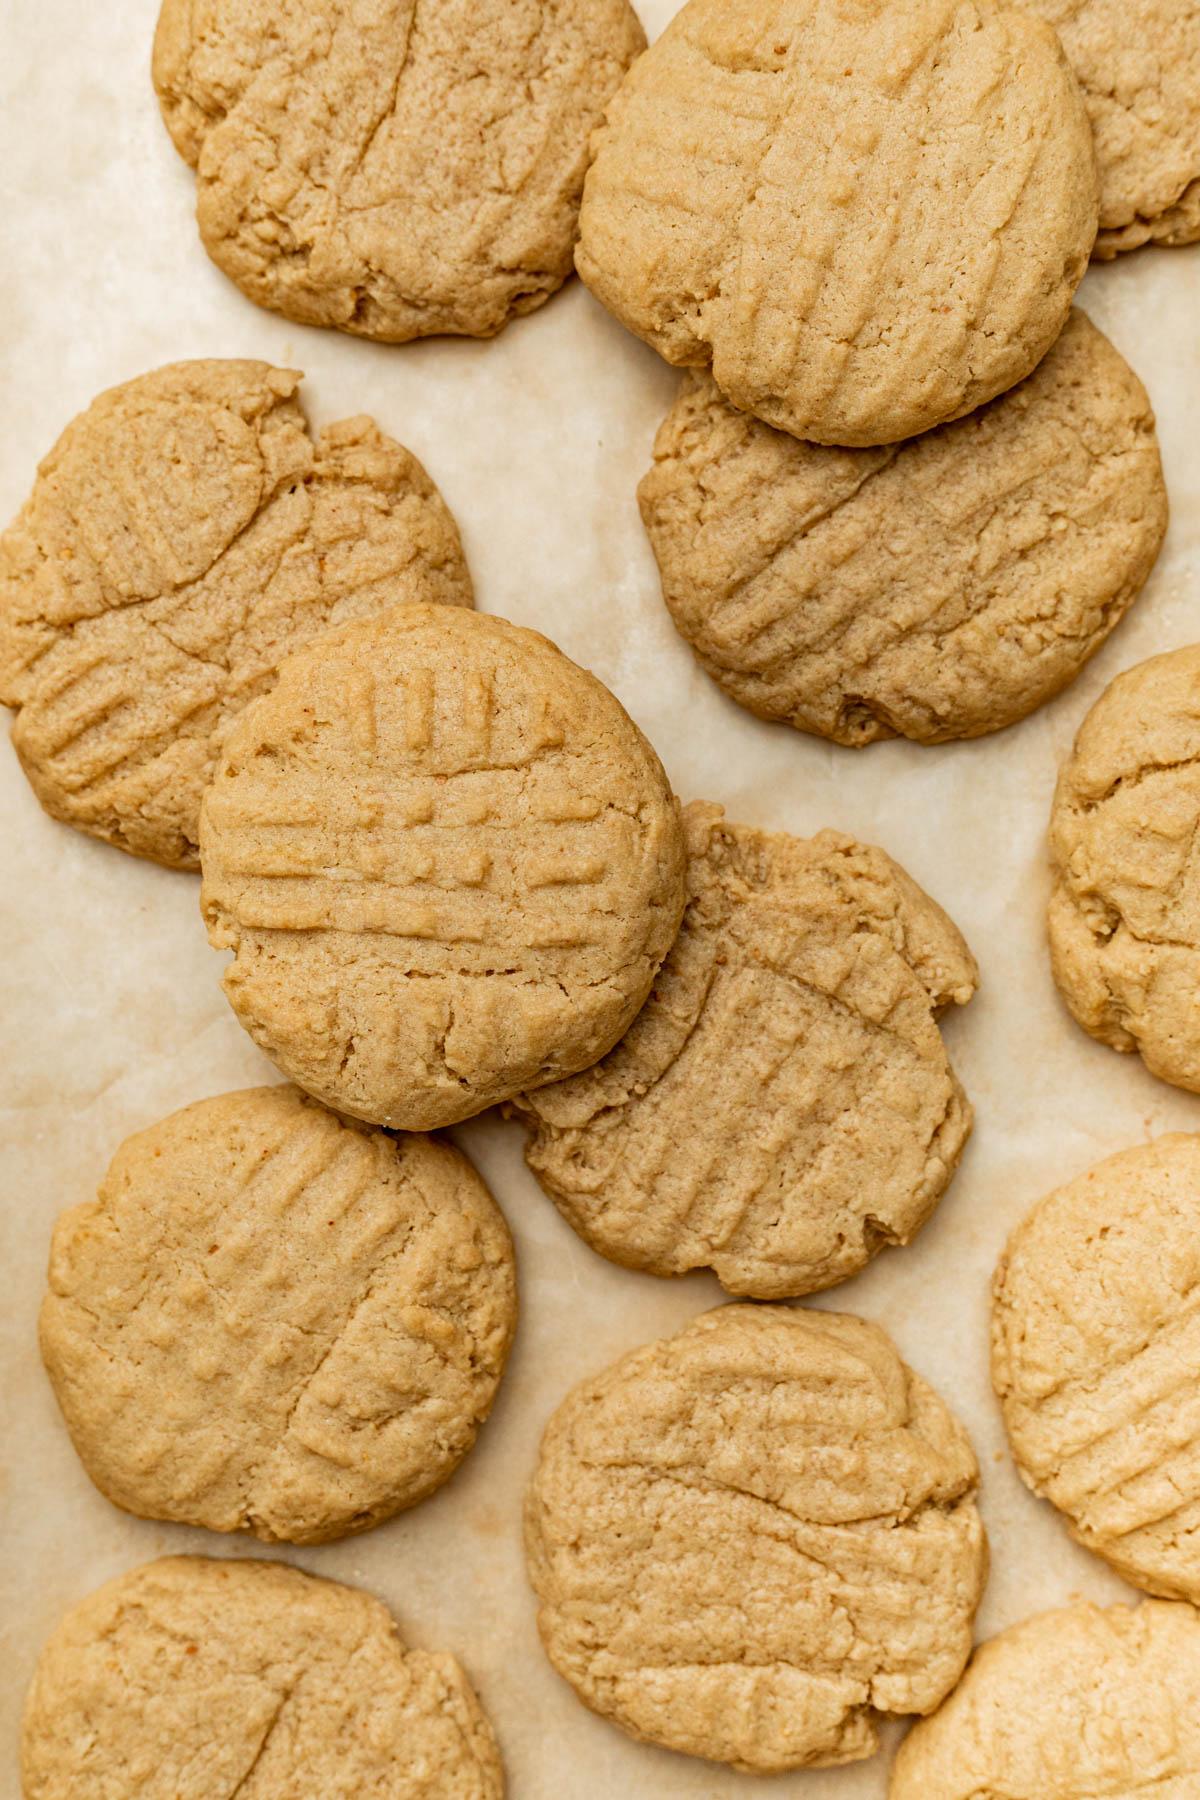 Peanut butter cookies on a baking sheet.